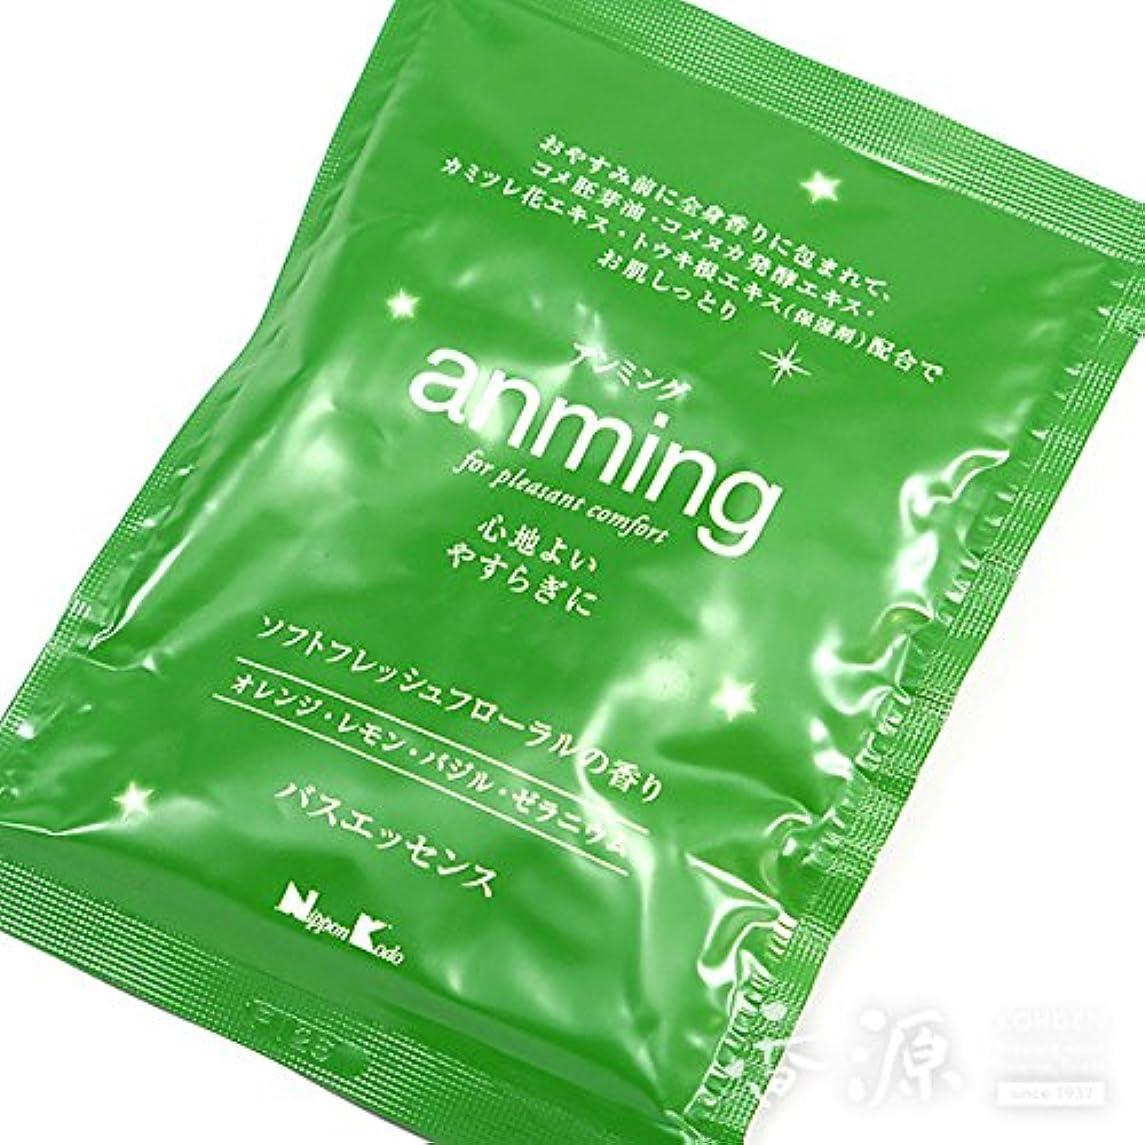 オペラ大声で遺伝子日本香堂の入浴剤 anming(アンミング) バスエッセンス ミニ